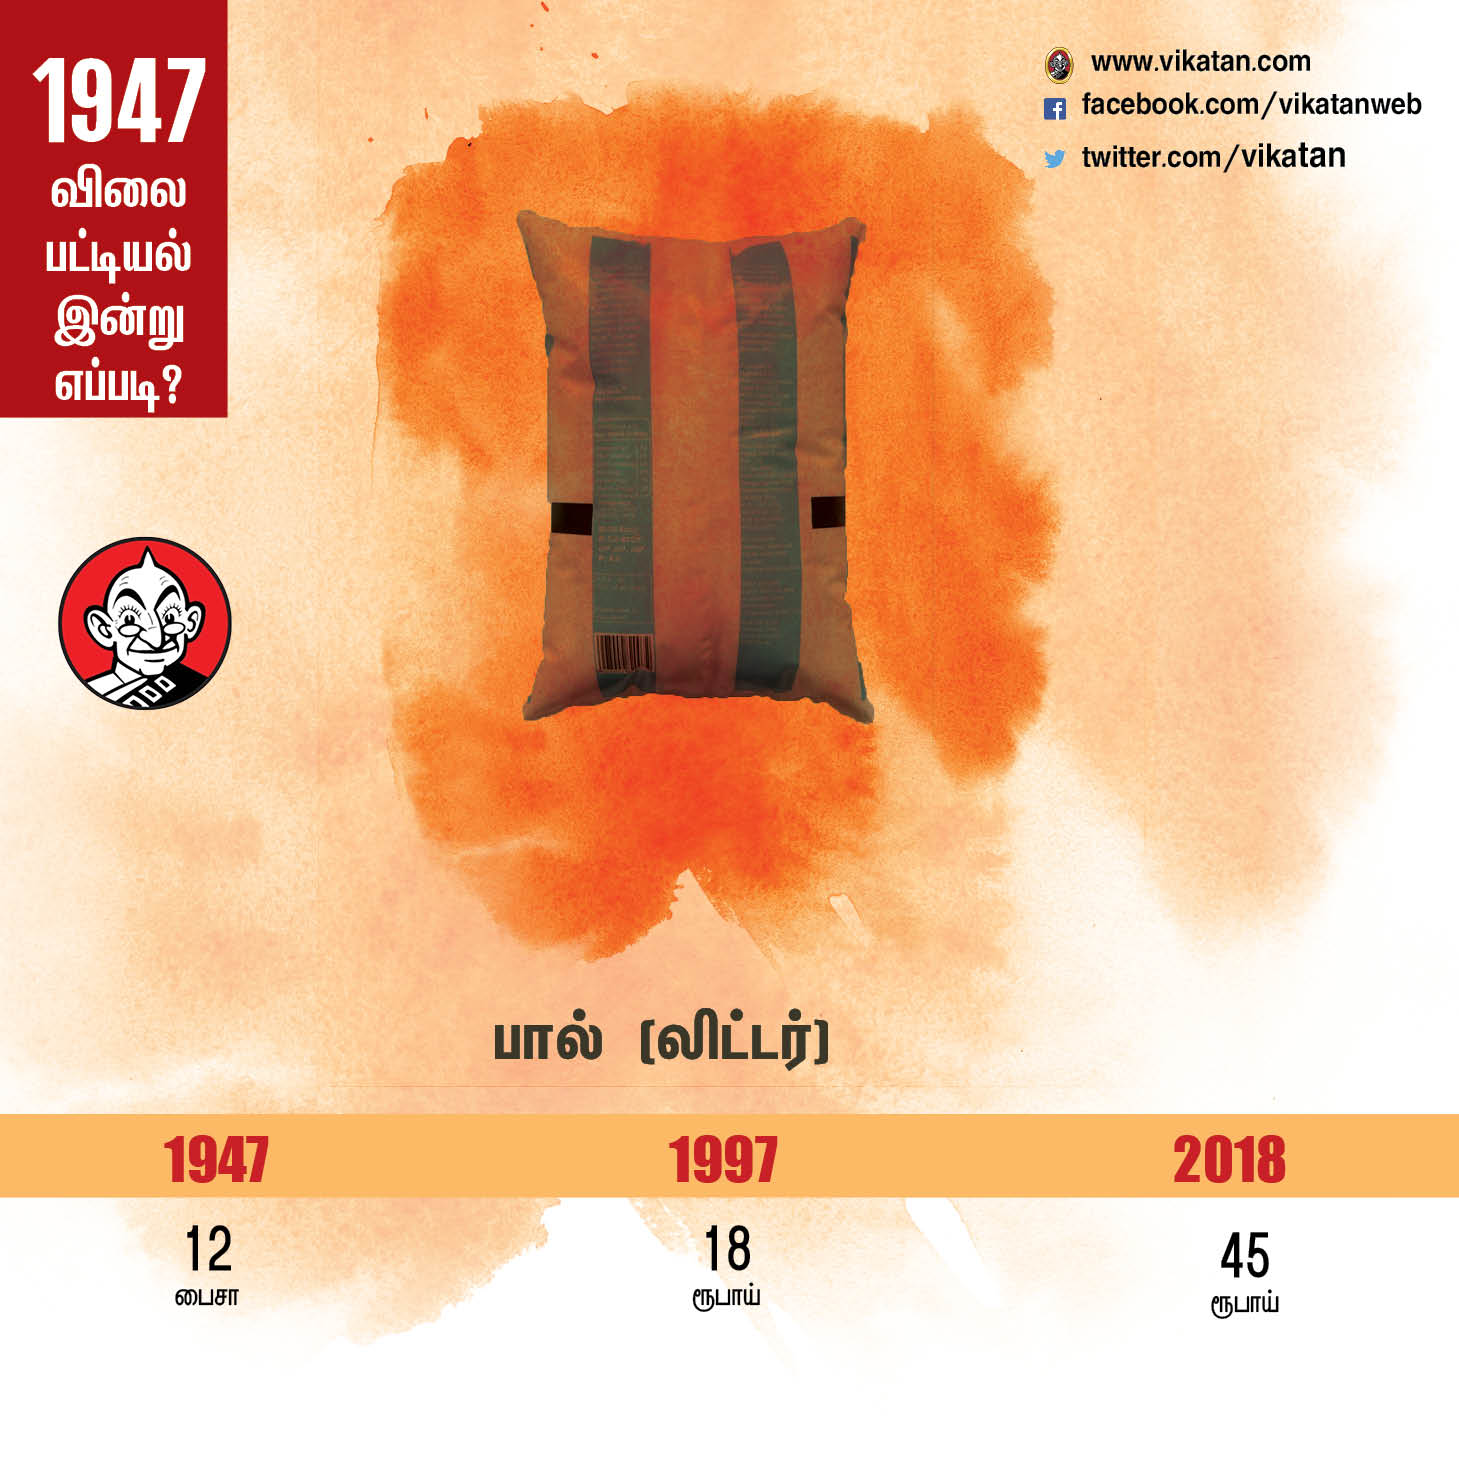 பால் 12 பைசா... பெட்ரோல் 27 பைசா... 'ஹிஹி' 1947-ன் விலை பட்டியல்! #VikatanPhotocards